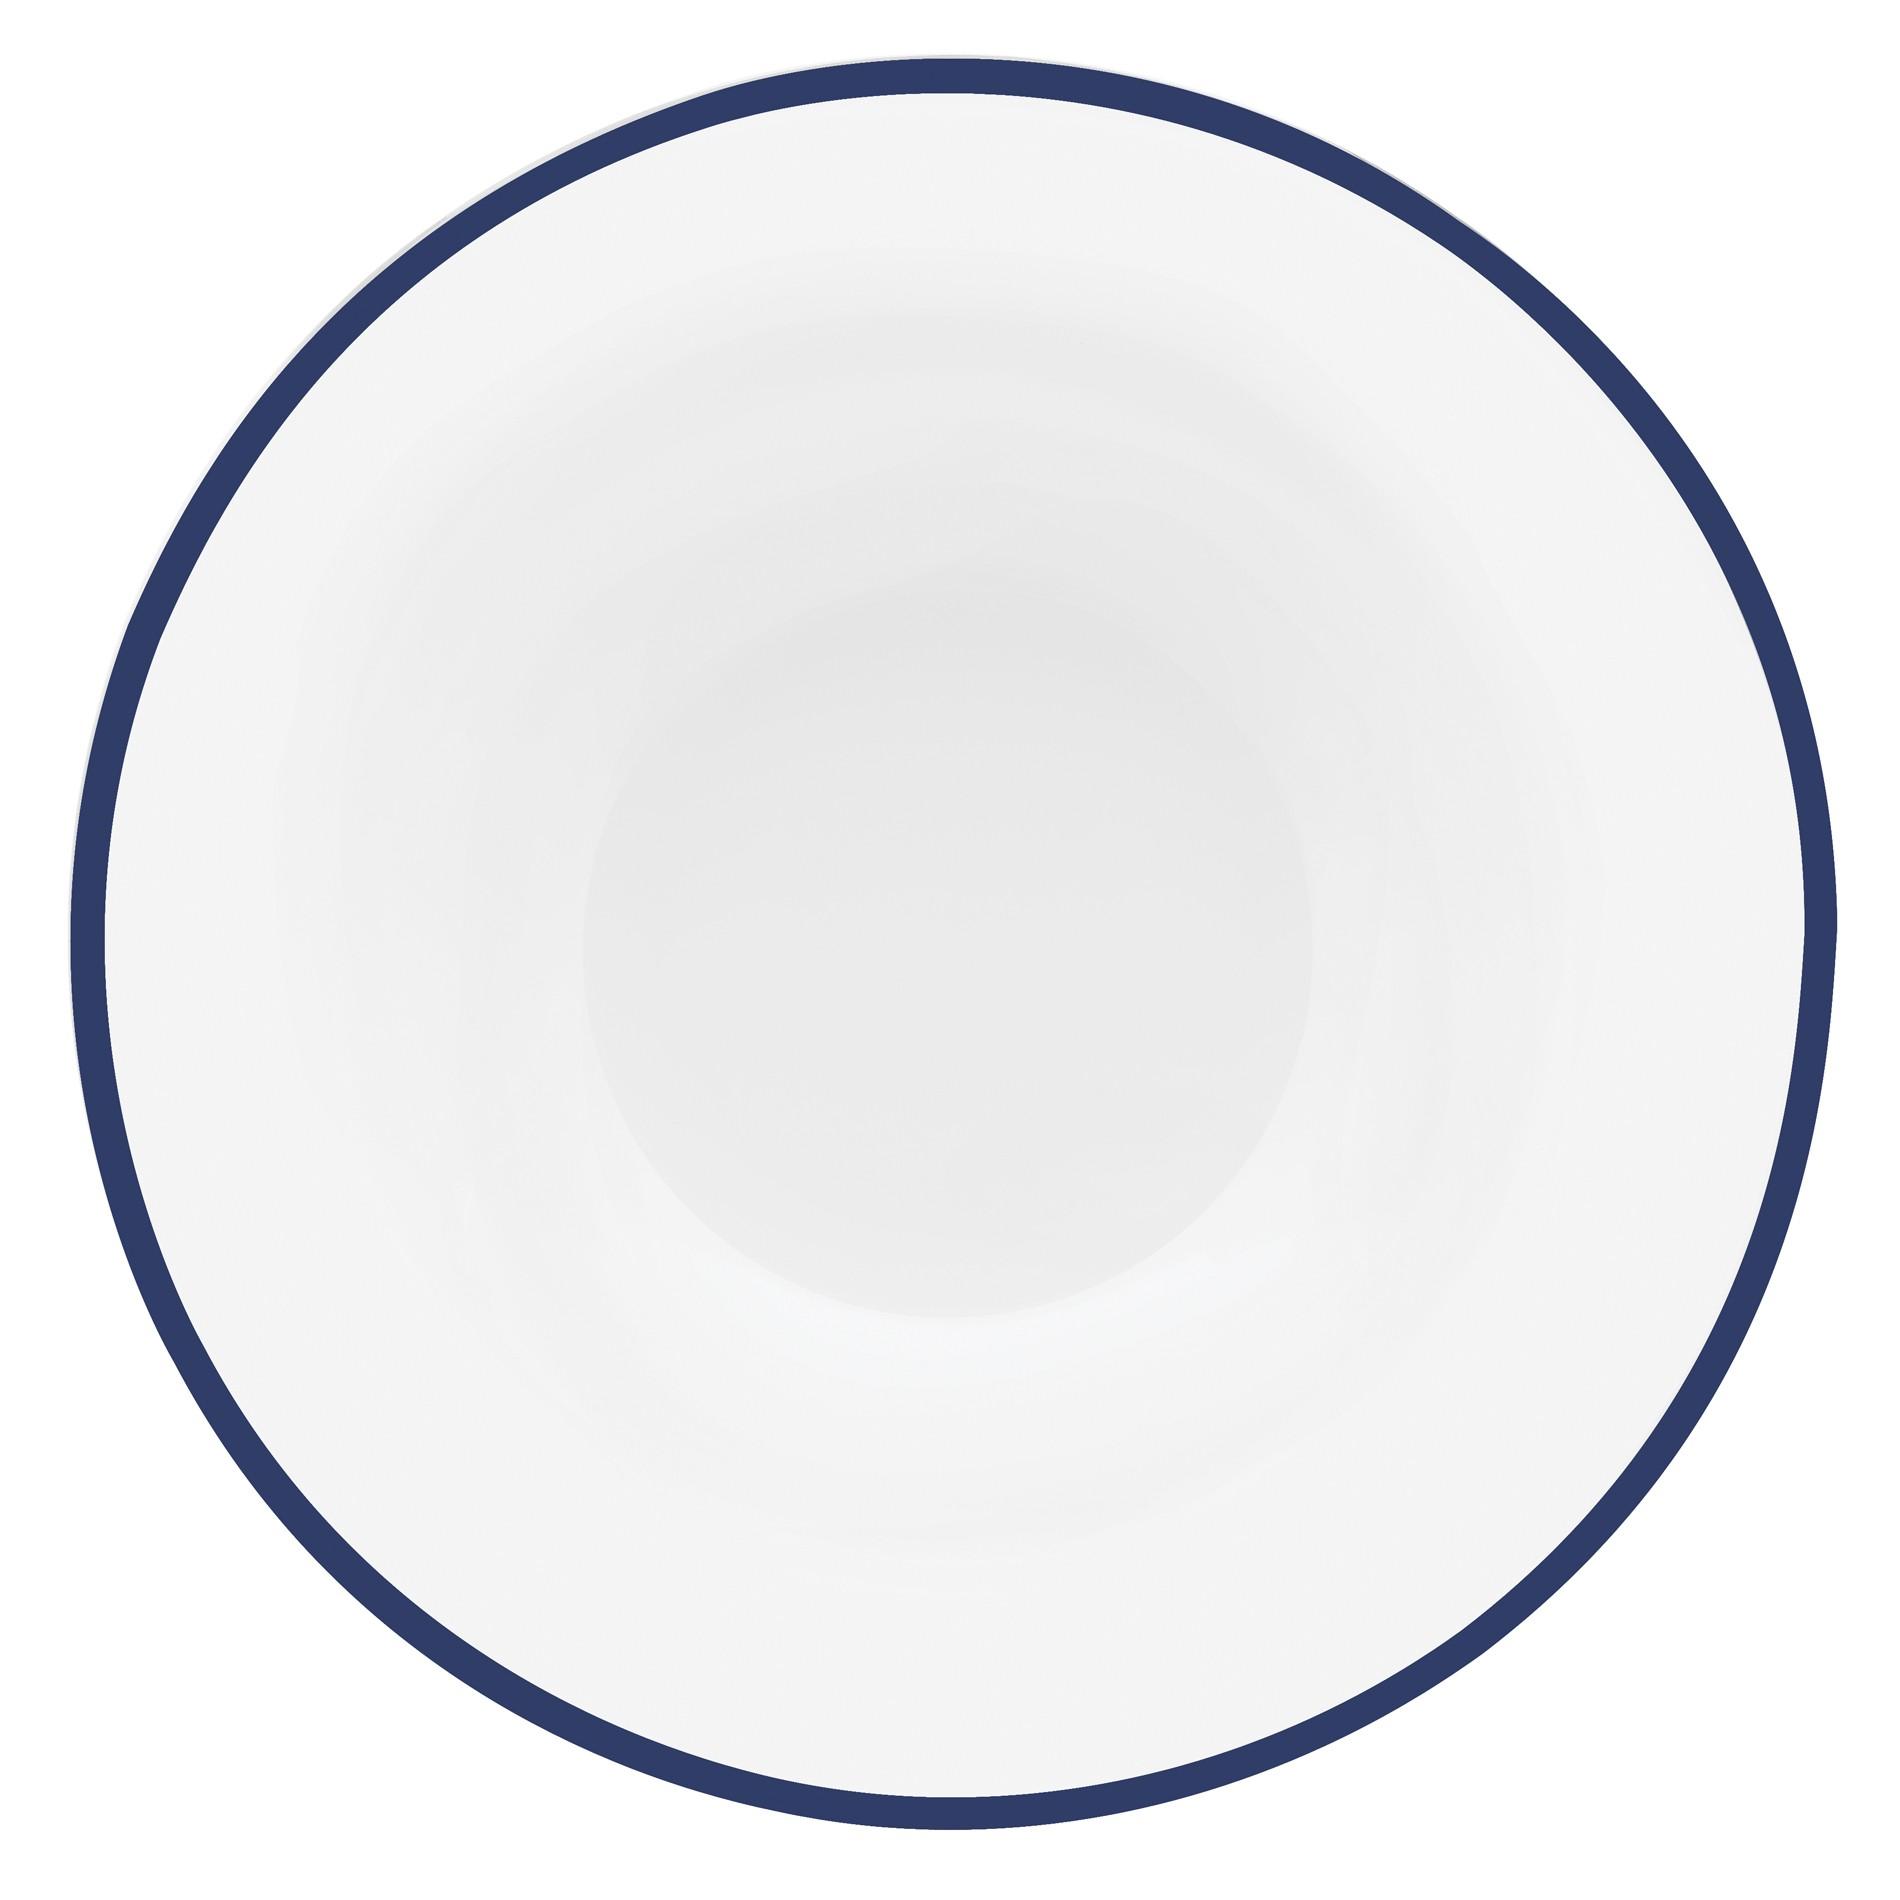 Πιάτο Βαθύ Σετ 6Τμχ Mediterraneo 22,5cm Ionia home   ειδη σερβιρισματος   πιάτα